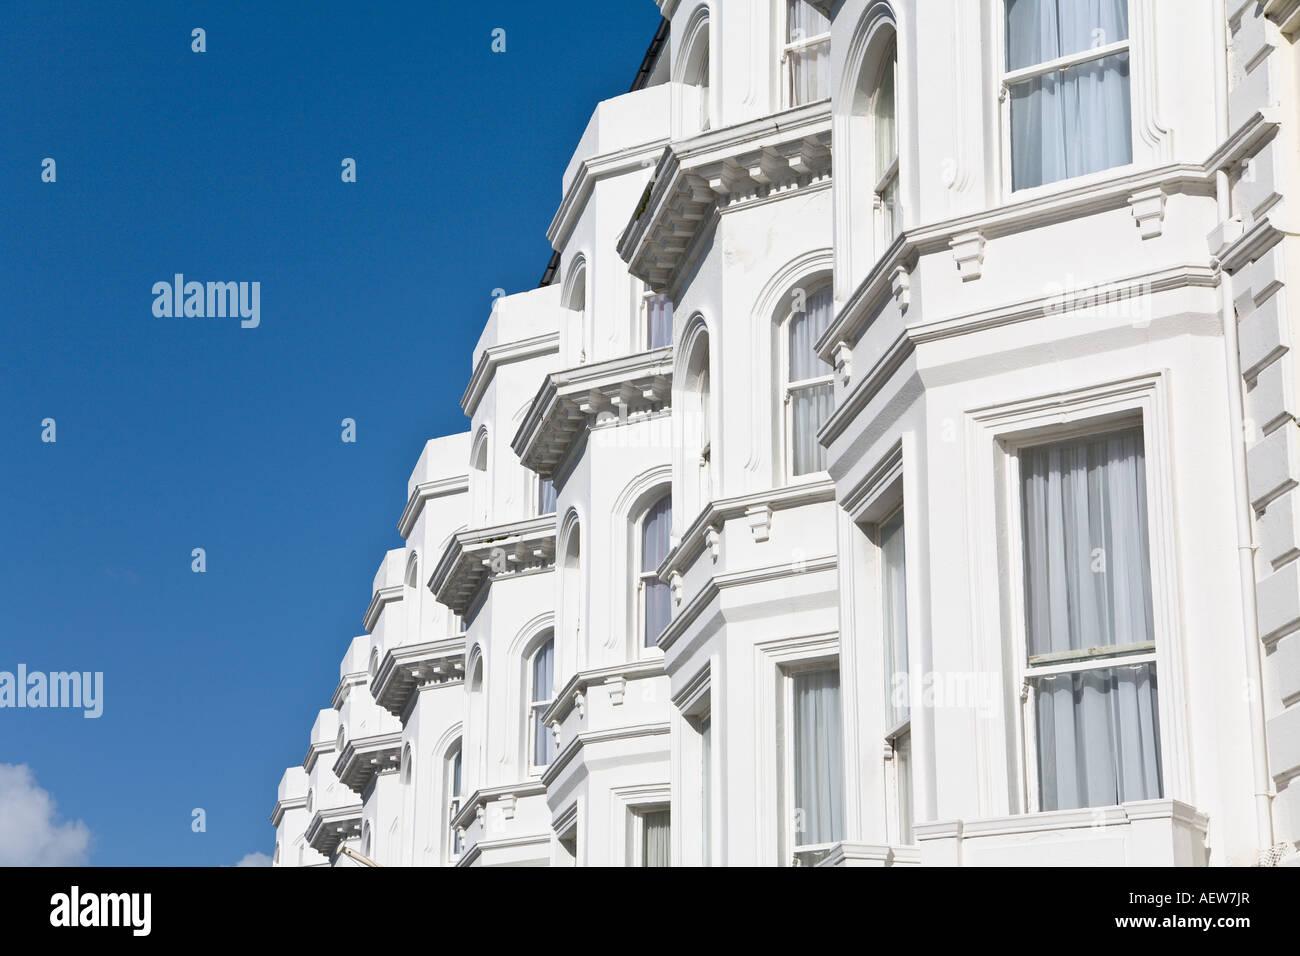 Edificio in stile vittoriano convertito in appartamenti Eastbourne 'East Sussex' Inghilterra Immagini Stock